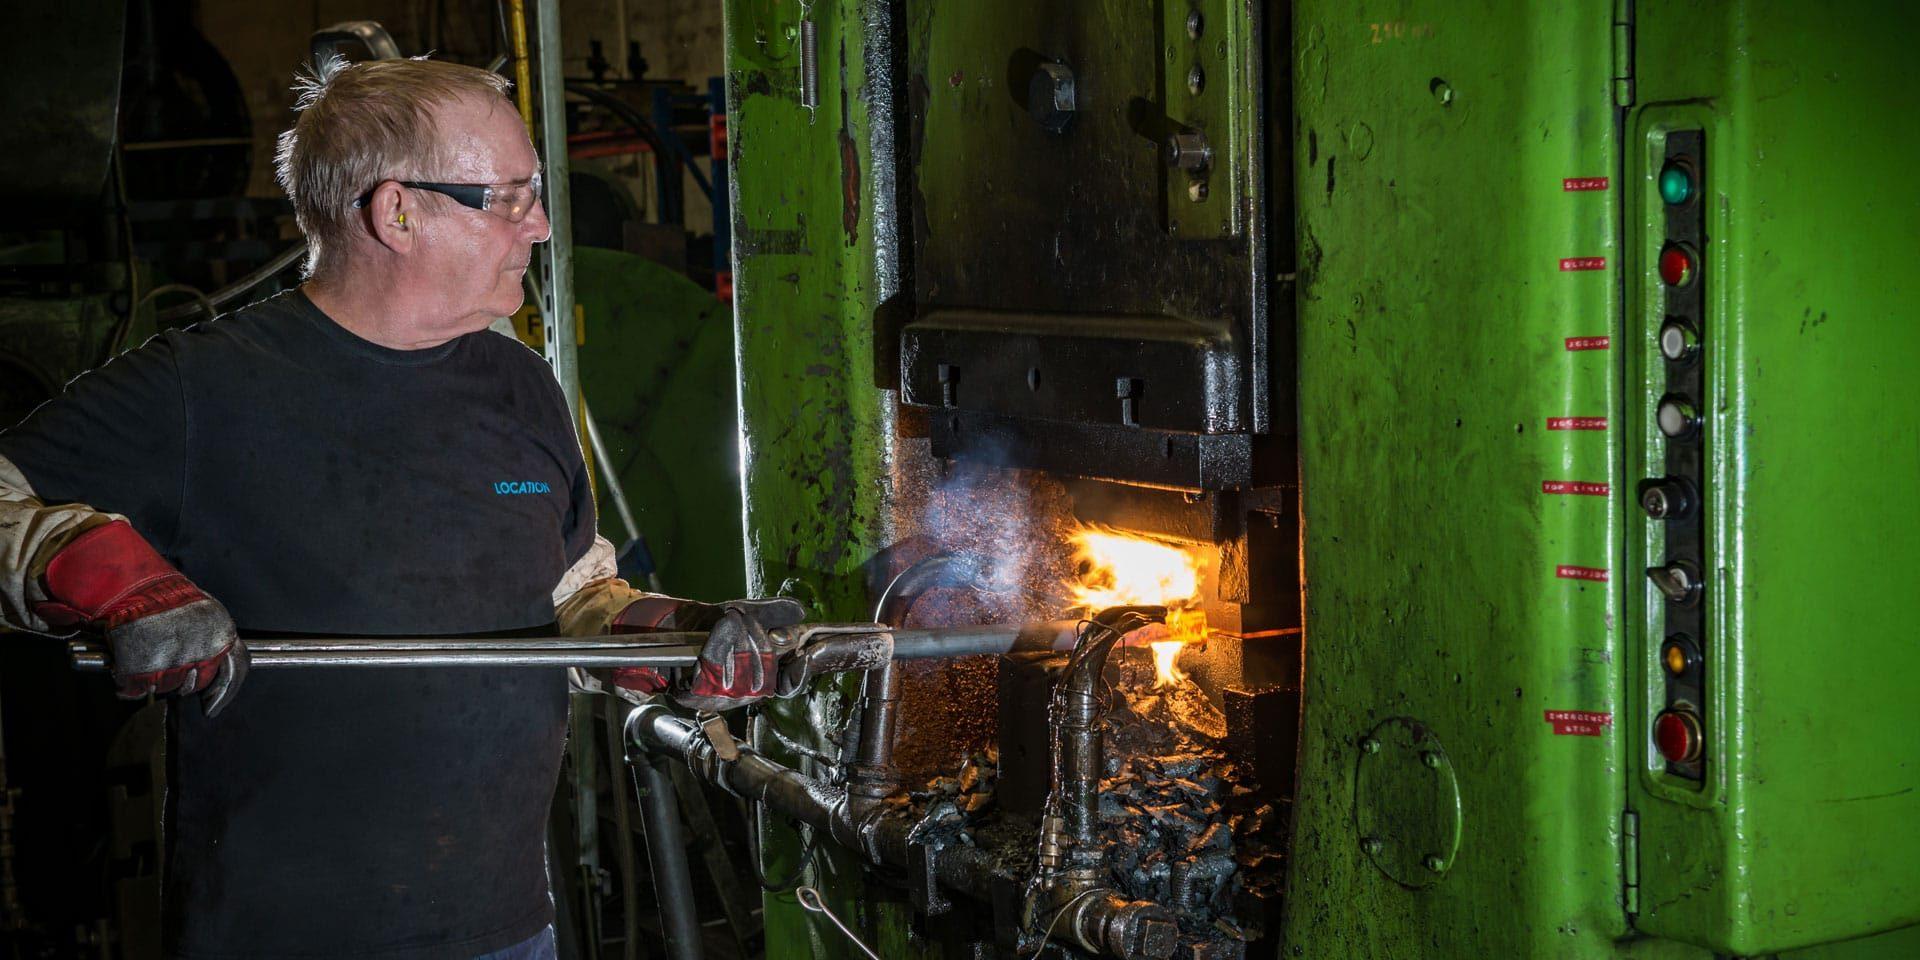 آهنگری پرسی,آهنگری چیست,انواع آهنگری,